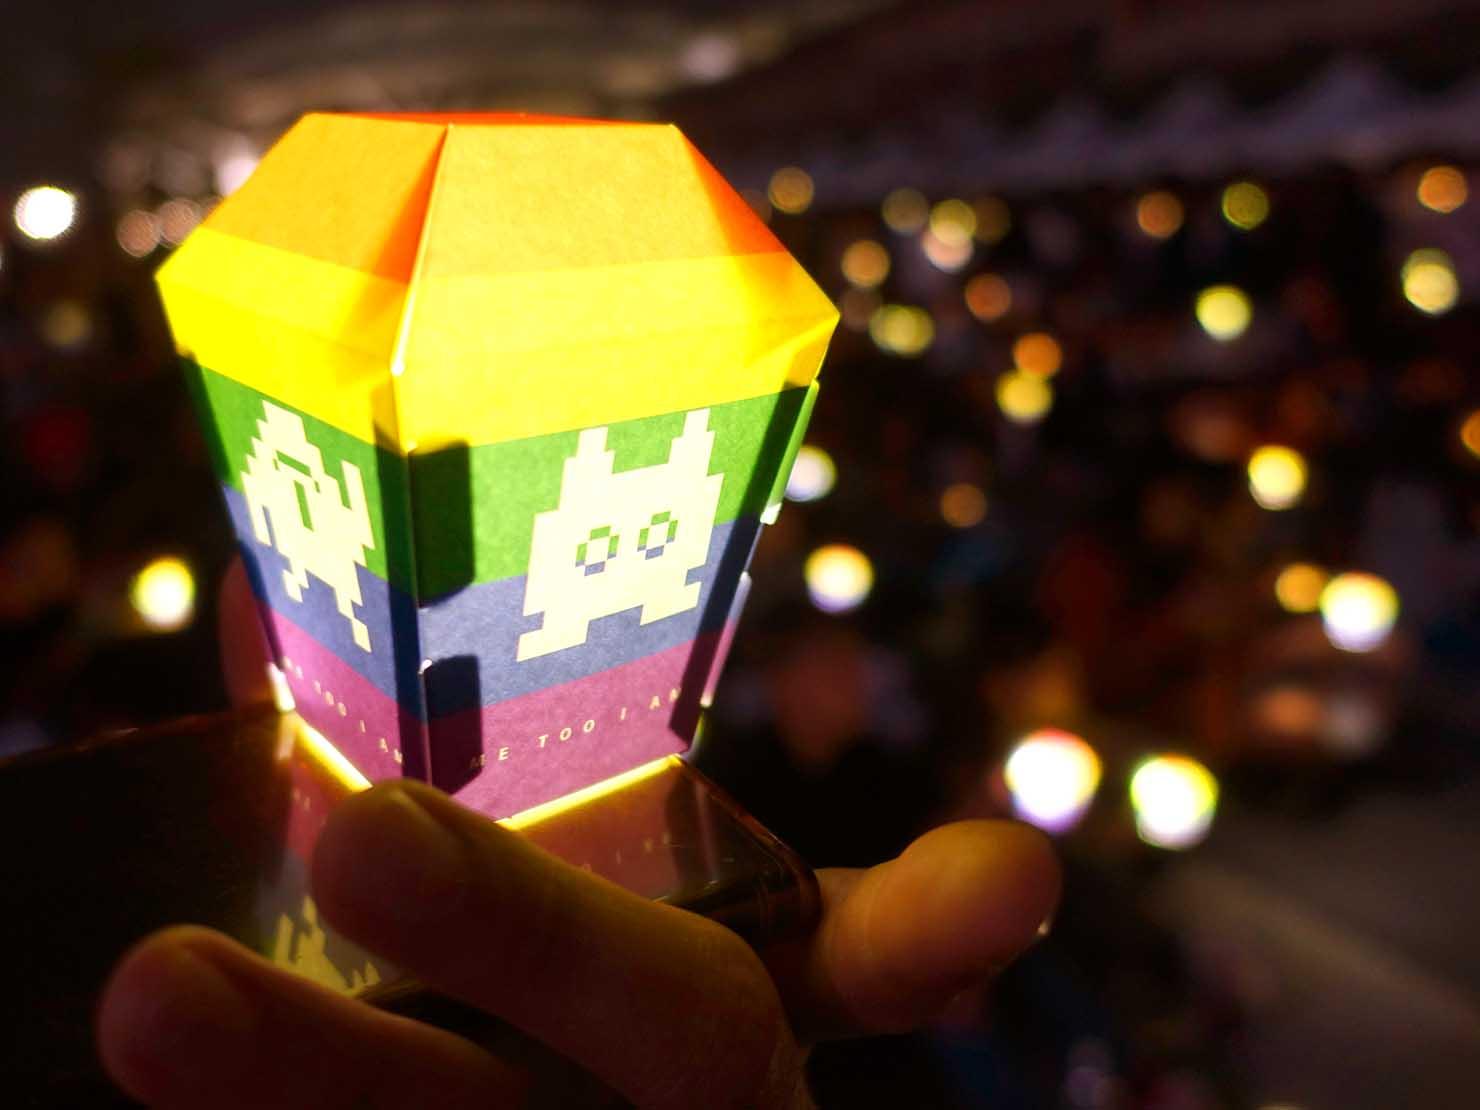 台中同志遊行(台中LGBTプライド)2019パレード後の会場で配布されたレインボーミニ天燈